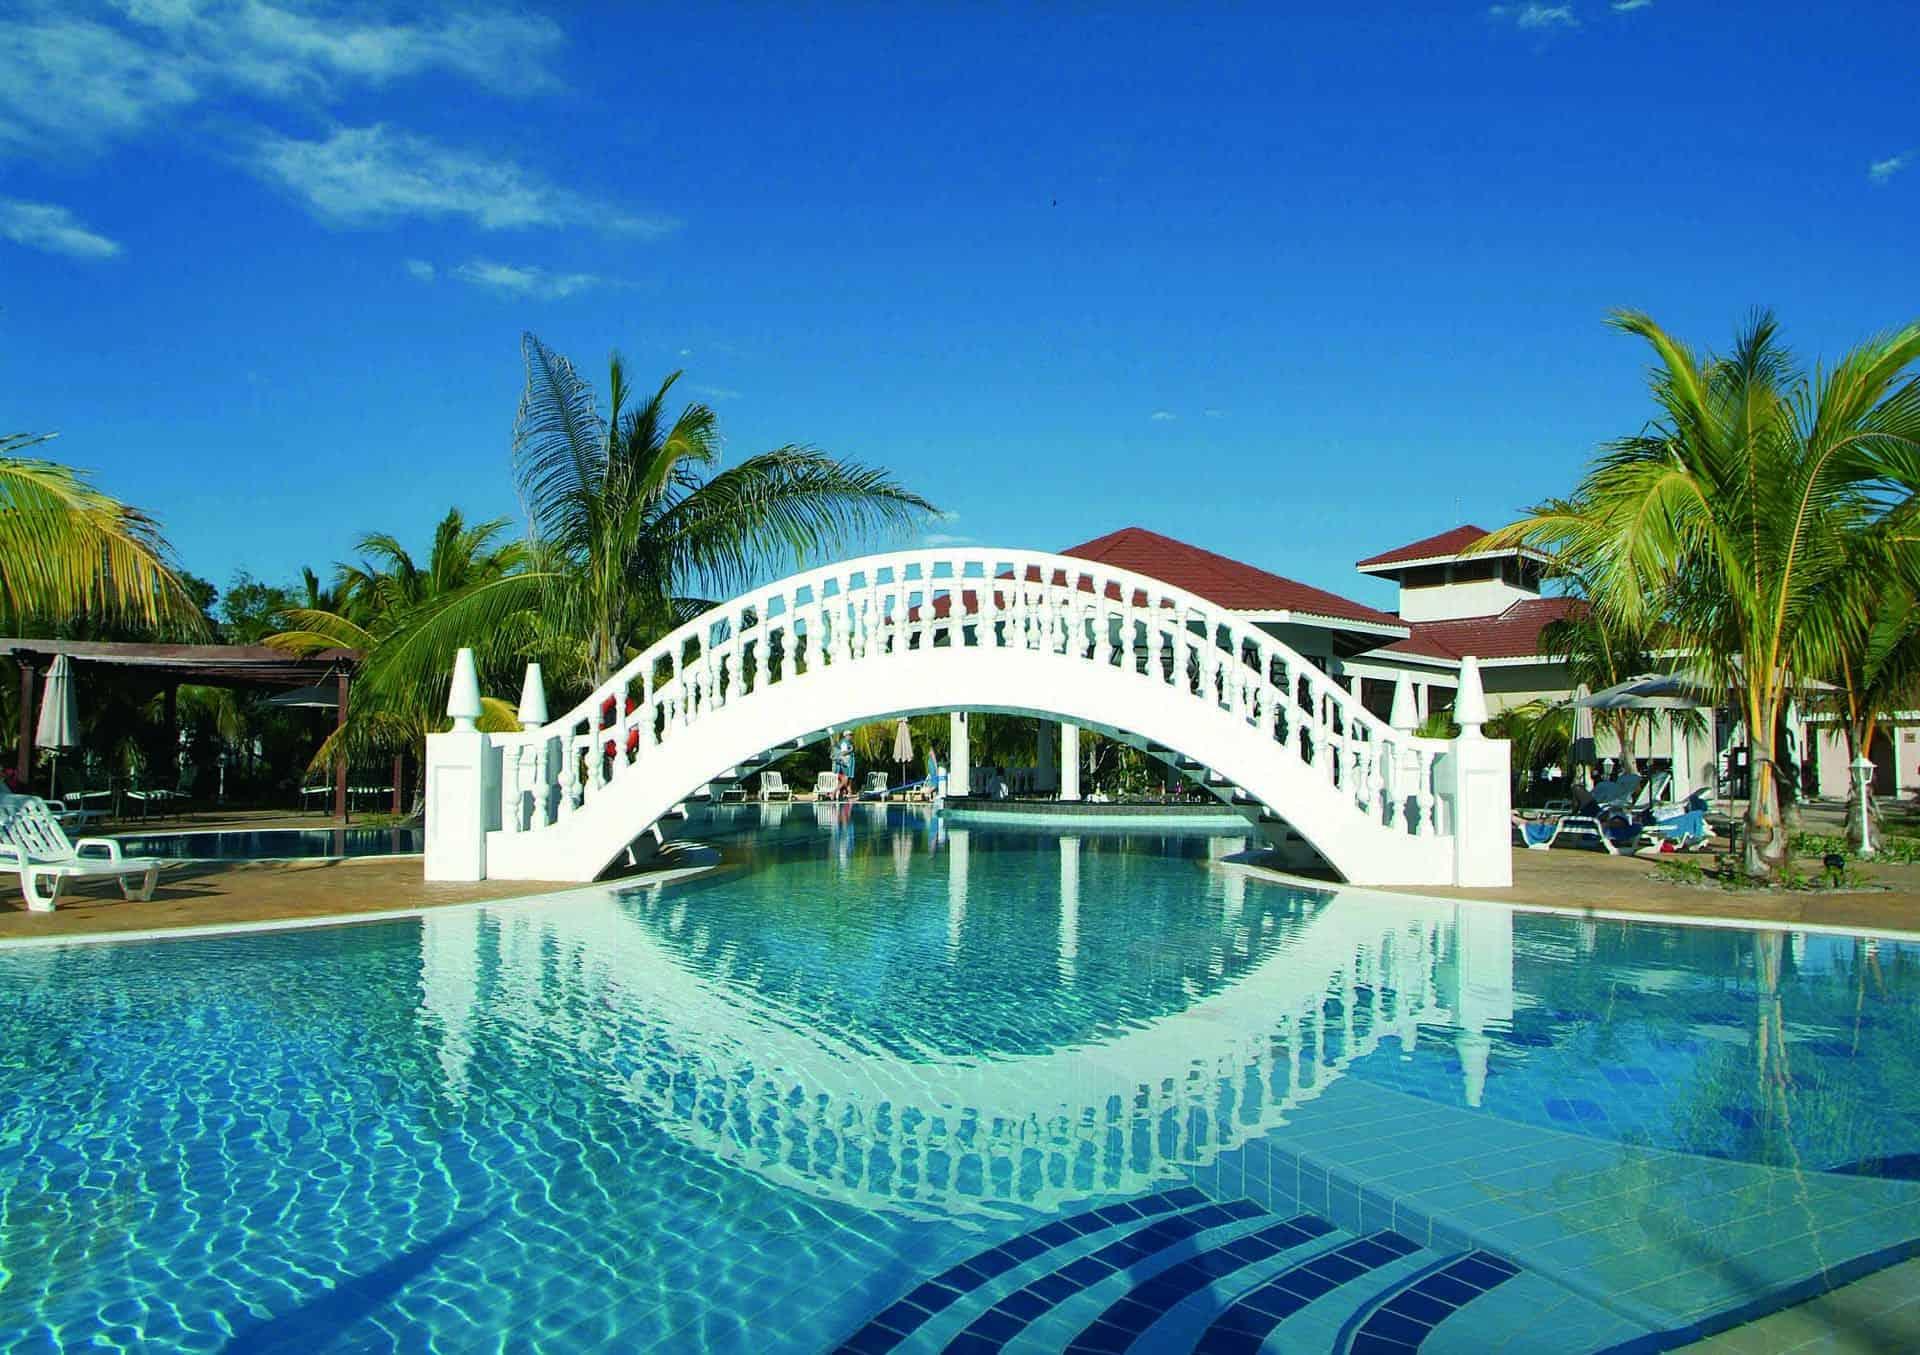 cayo santa maria hotel piscine palmiers pont cuba autrement